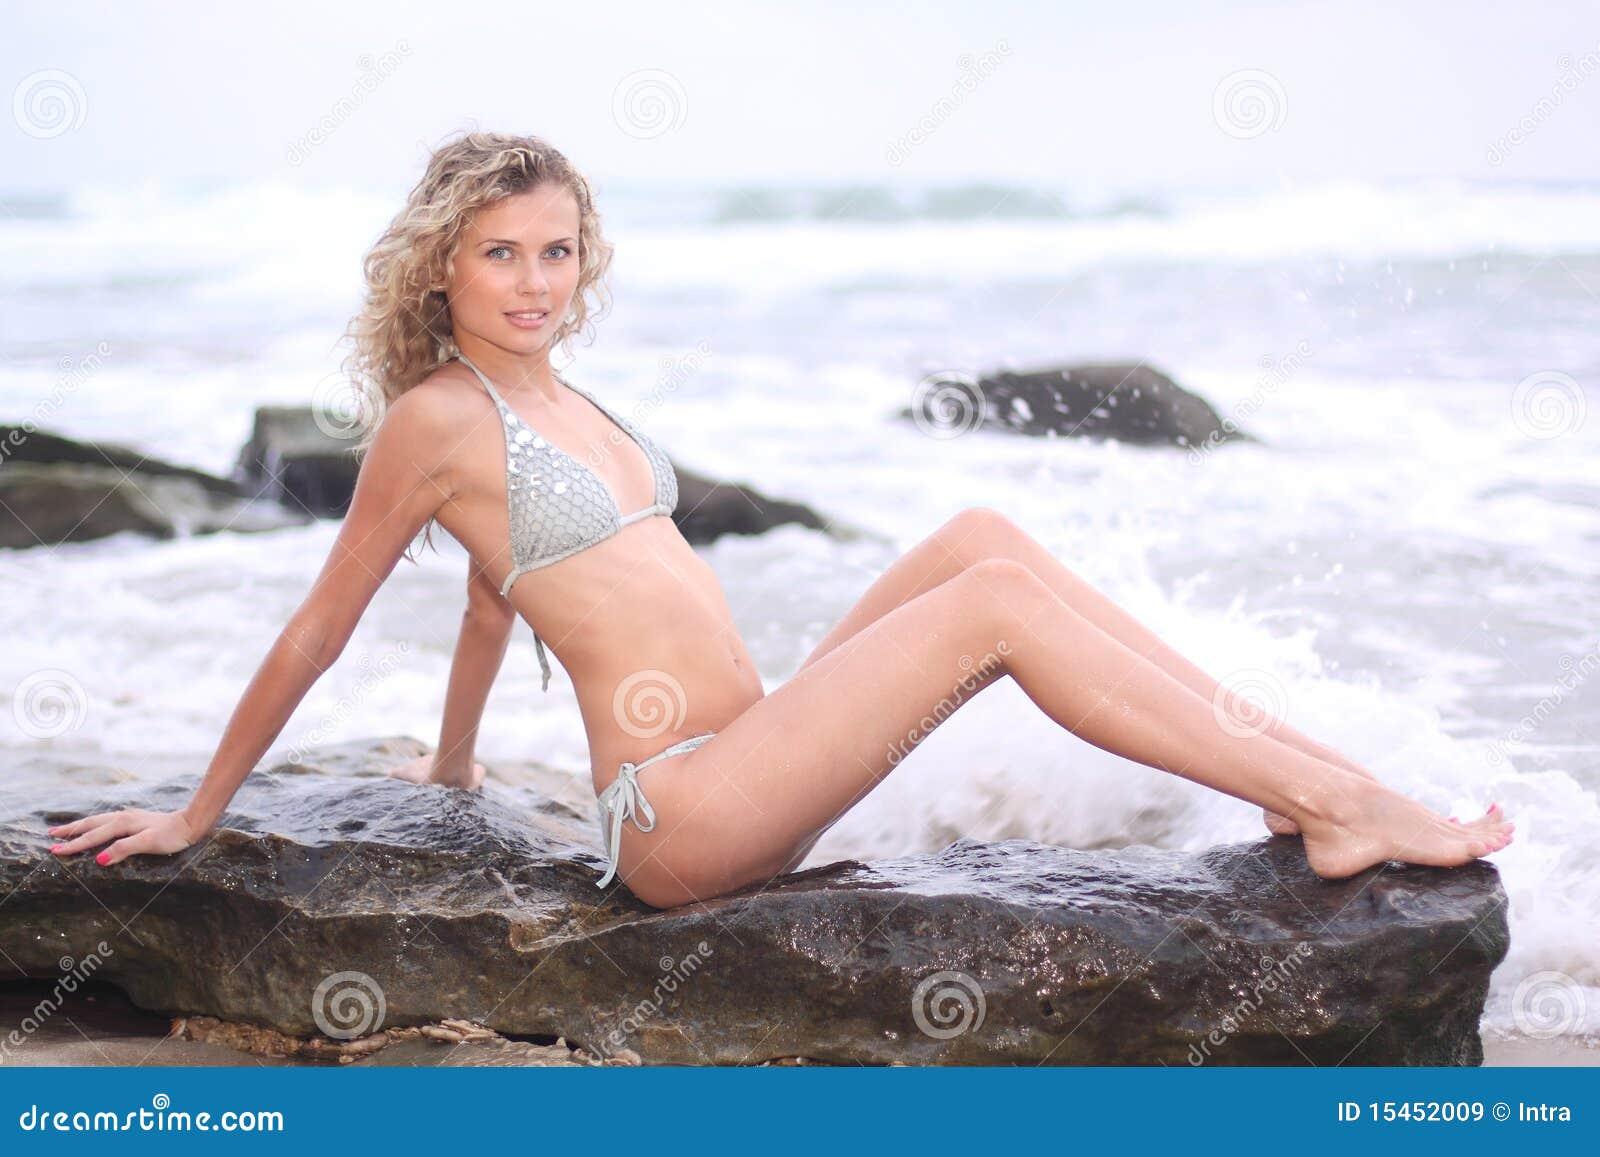 Bikini Sitting 49